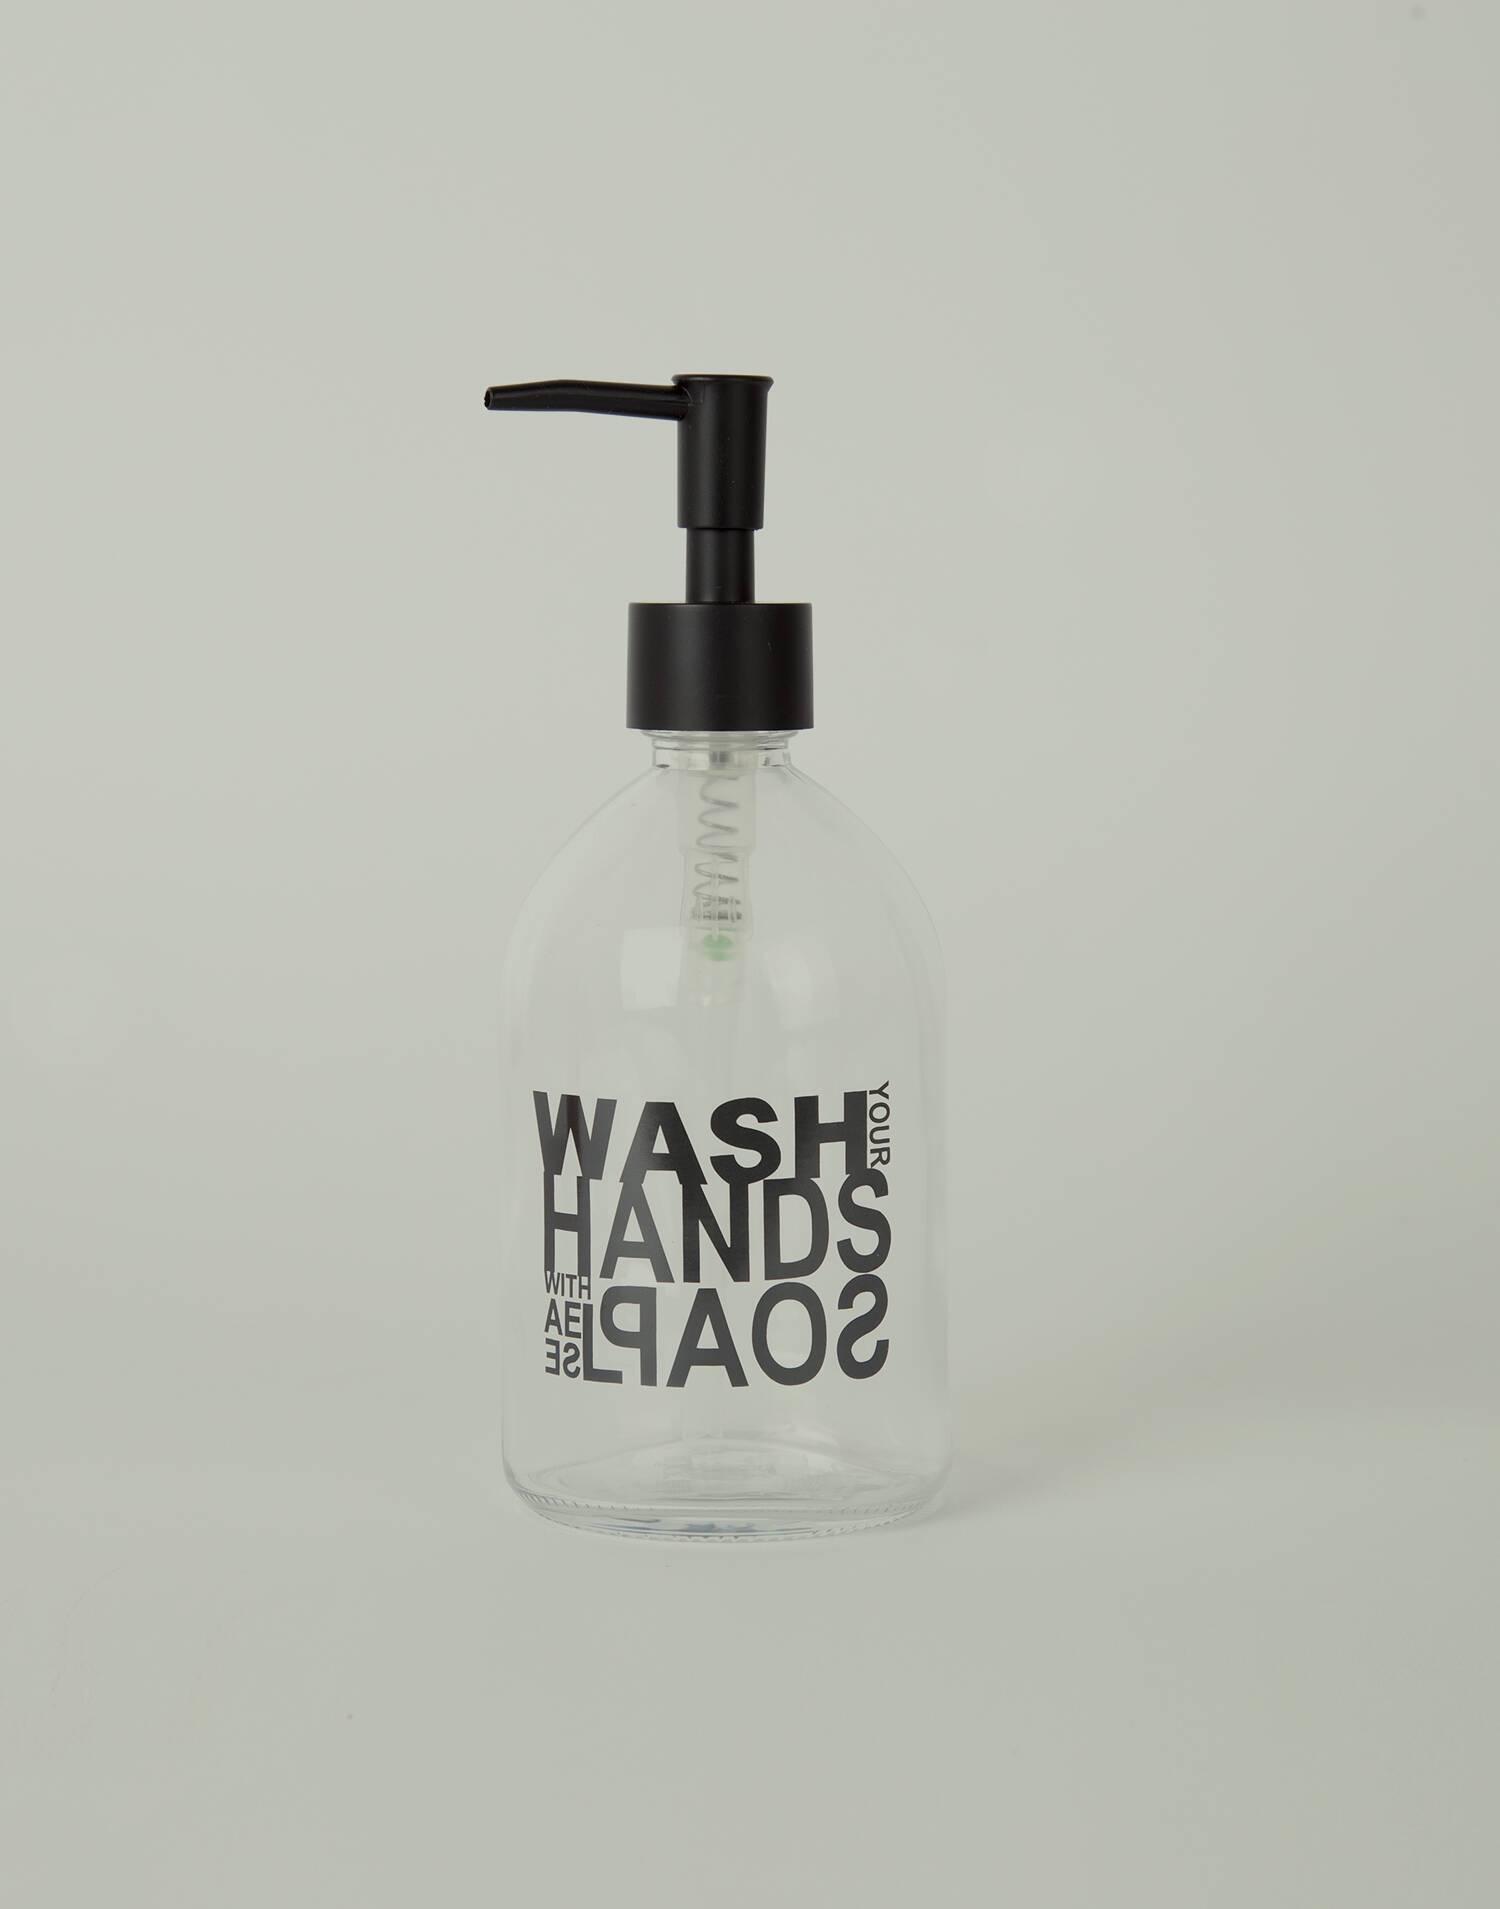 Glass soap dispenser